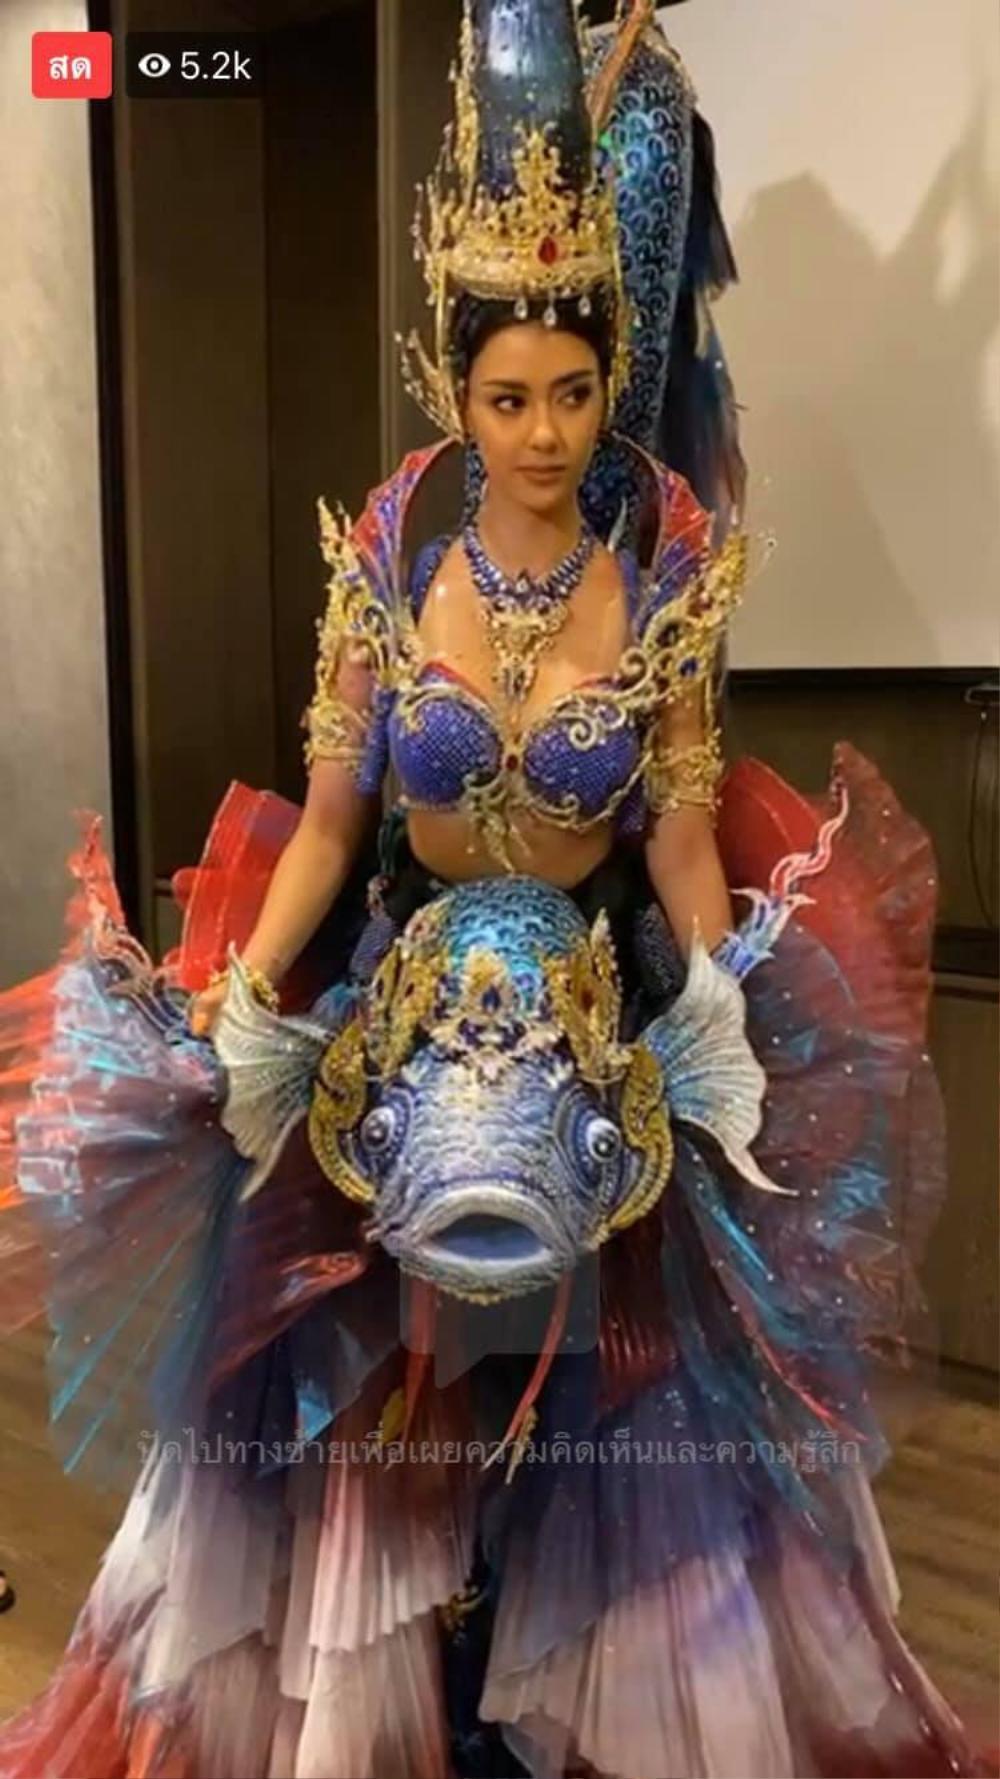 Hoa hậu Hoàn vũ Thái Lan gây tranh cãi khi mang trang phục dân tộc bầu ngực trần tới Miss Universe 2020 Ảnh 4